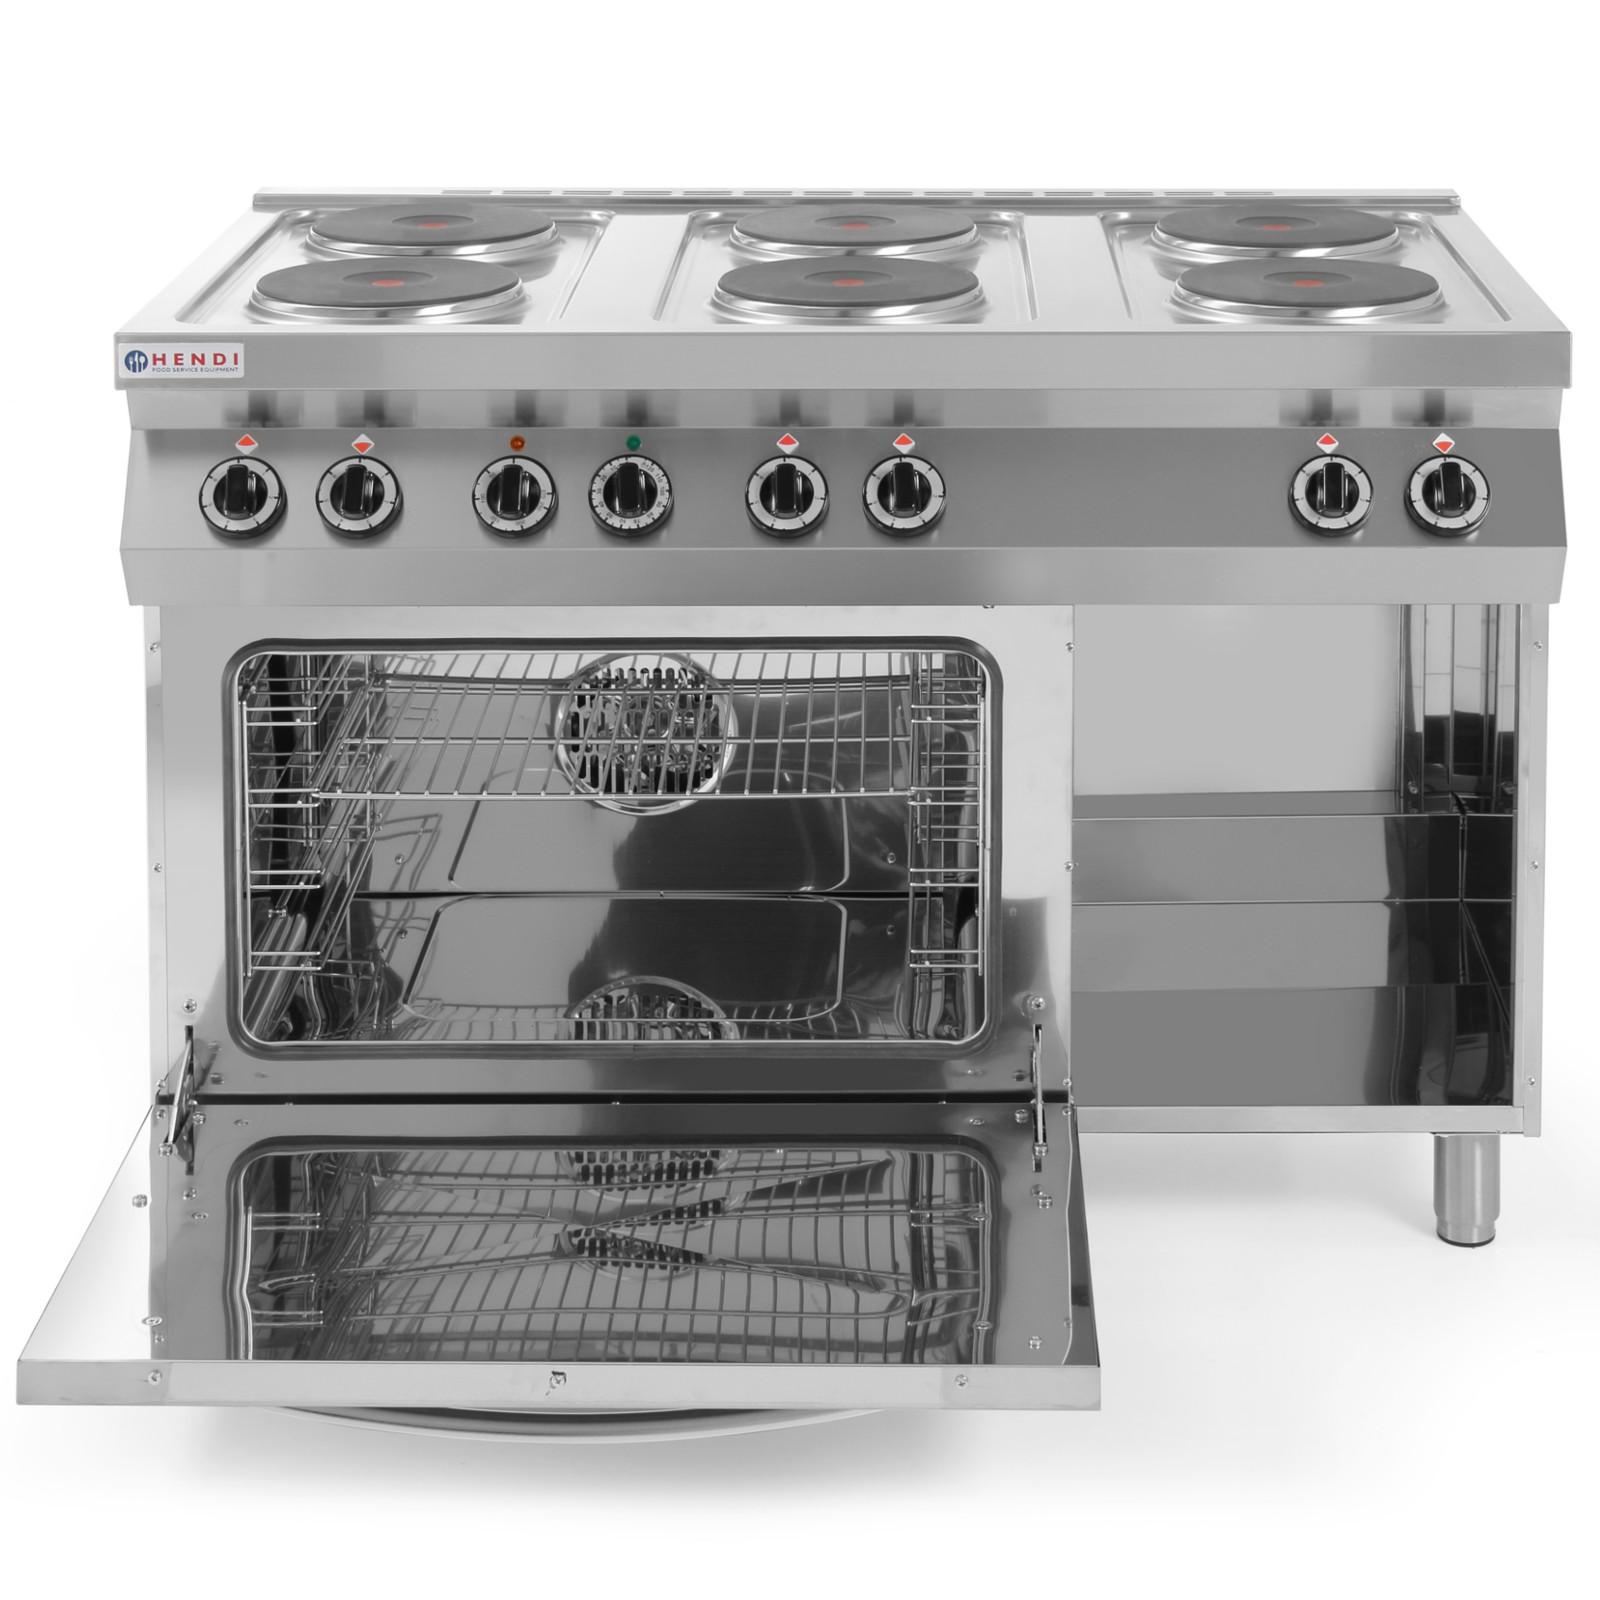 Kuchnia Elektryczna Wolnostojąca 6 X 26kw Z Piekarnikiem Gn11 3kw Szer 120cm